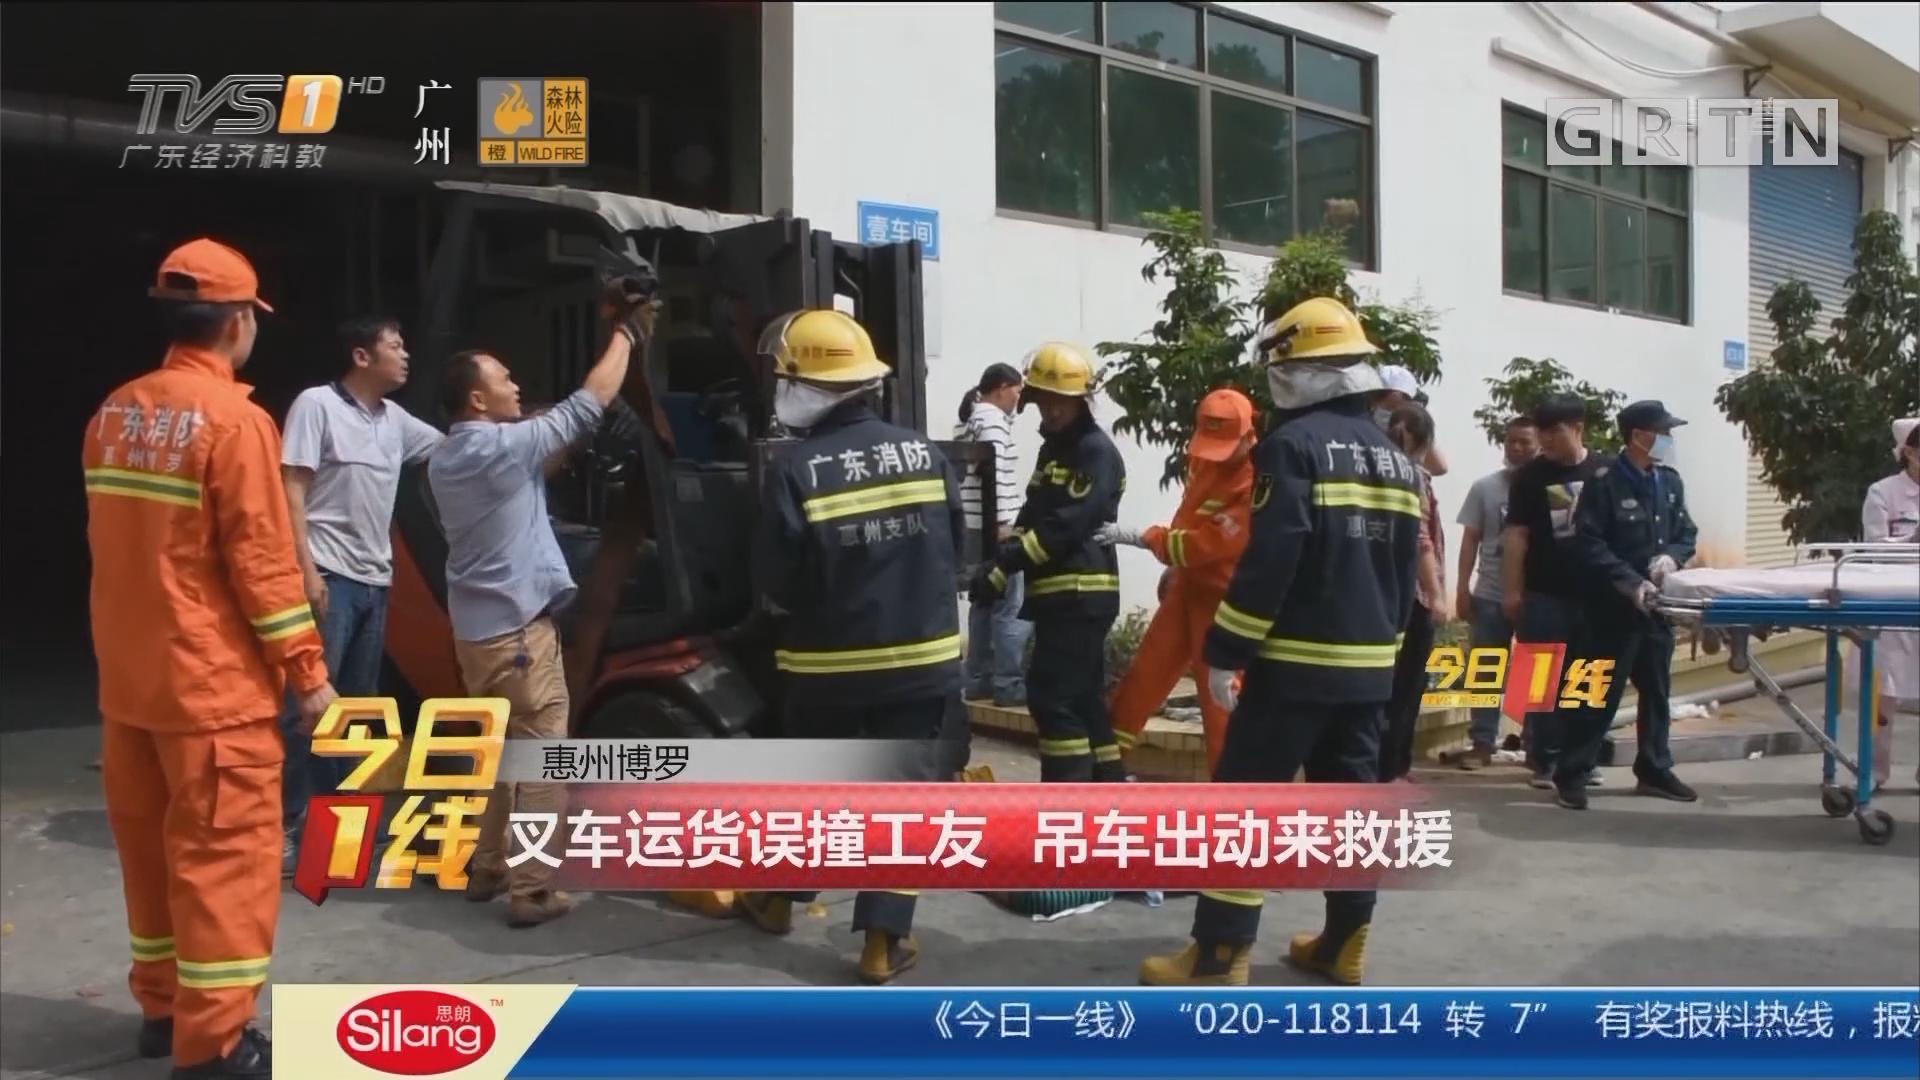 惠州博罗:叉车运货误撞工友 吊车出动来救援